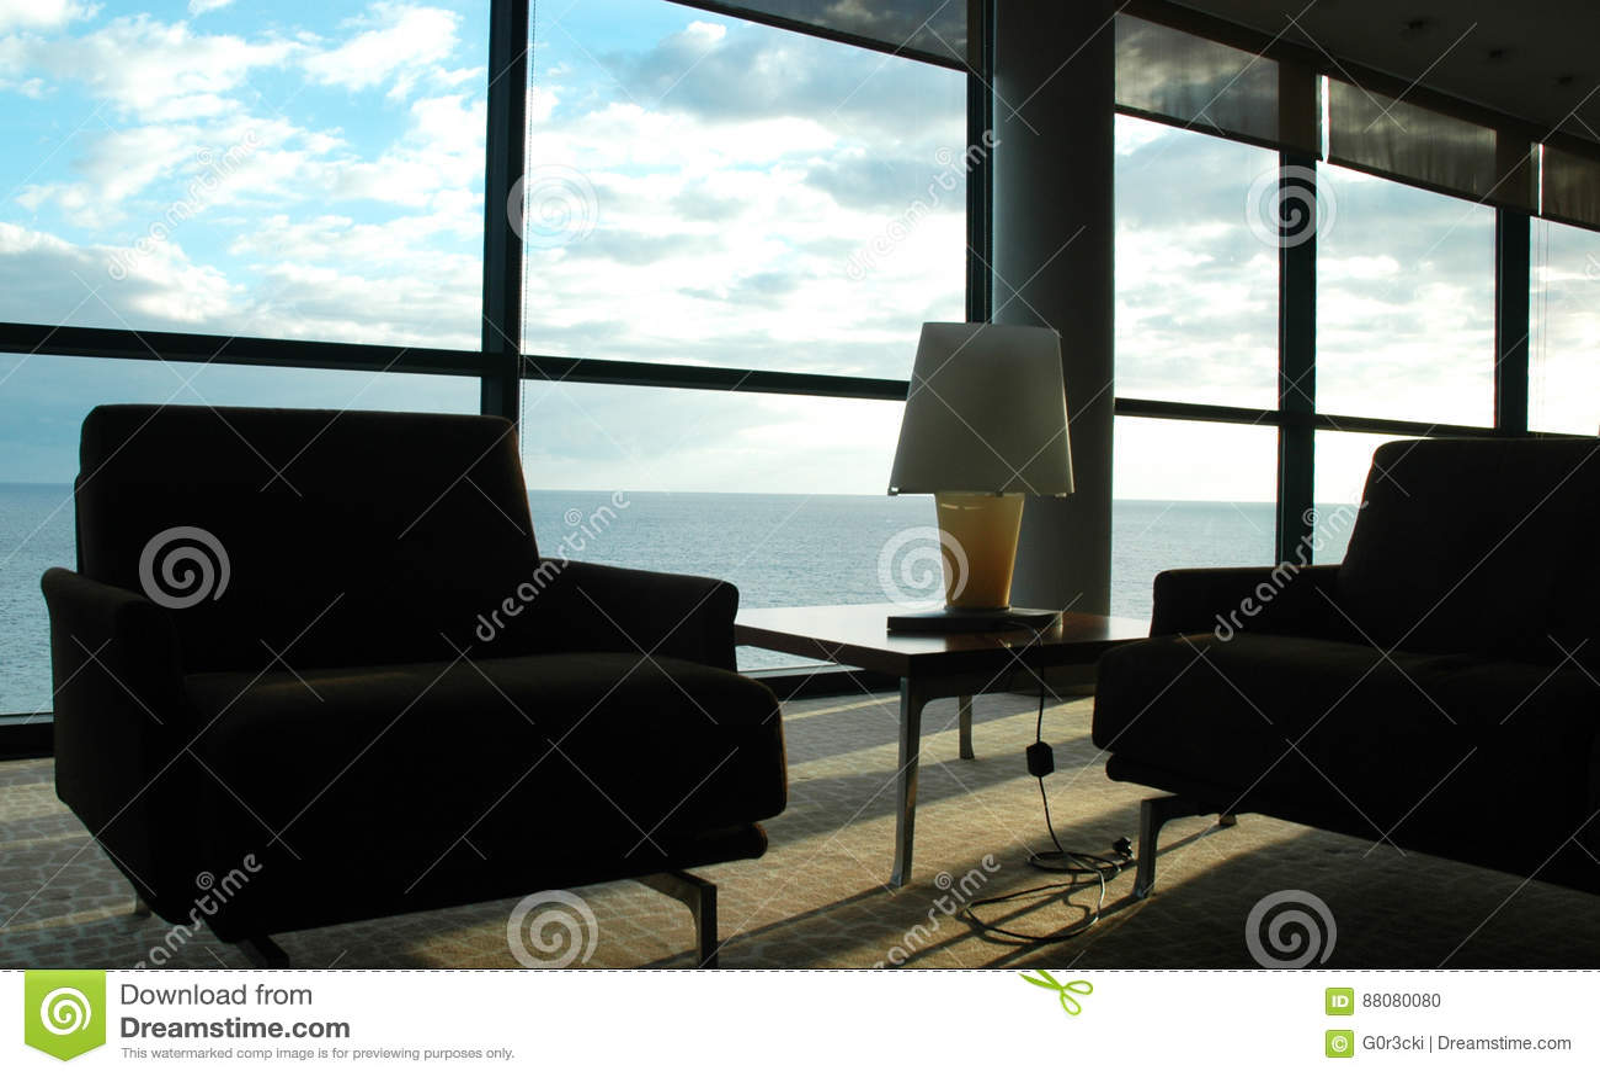 Pokój w niebie - Pokojowy kąt, niebieskiego nieba i wody widok, Domowy wnętrze